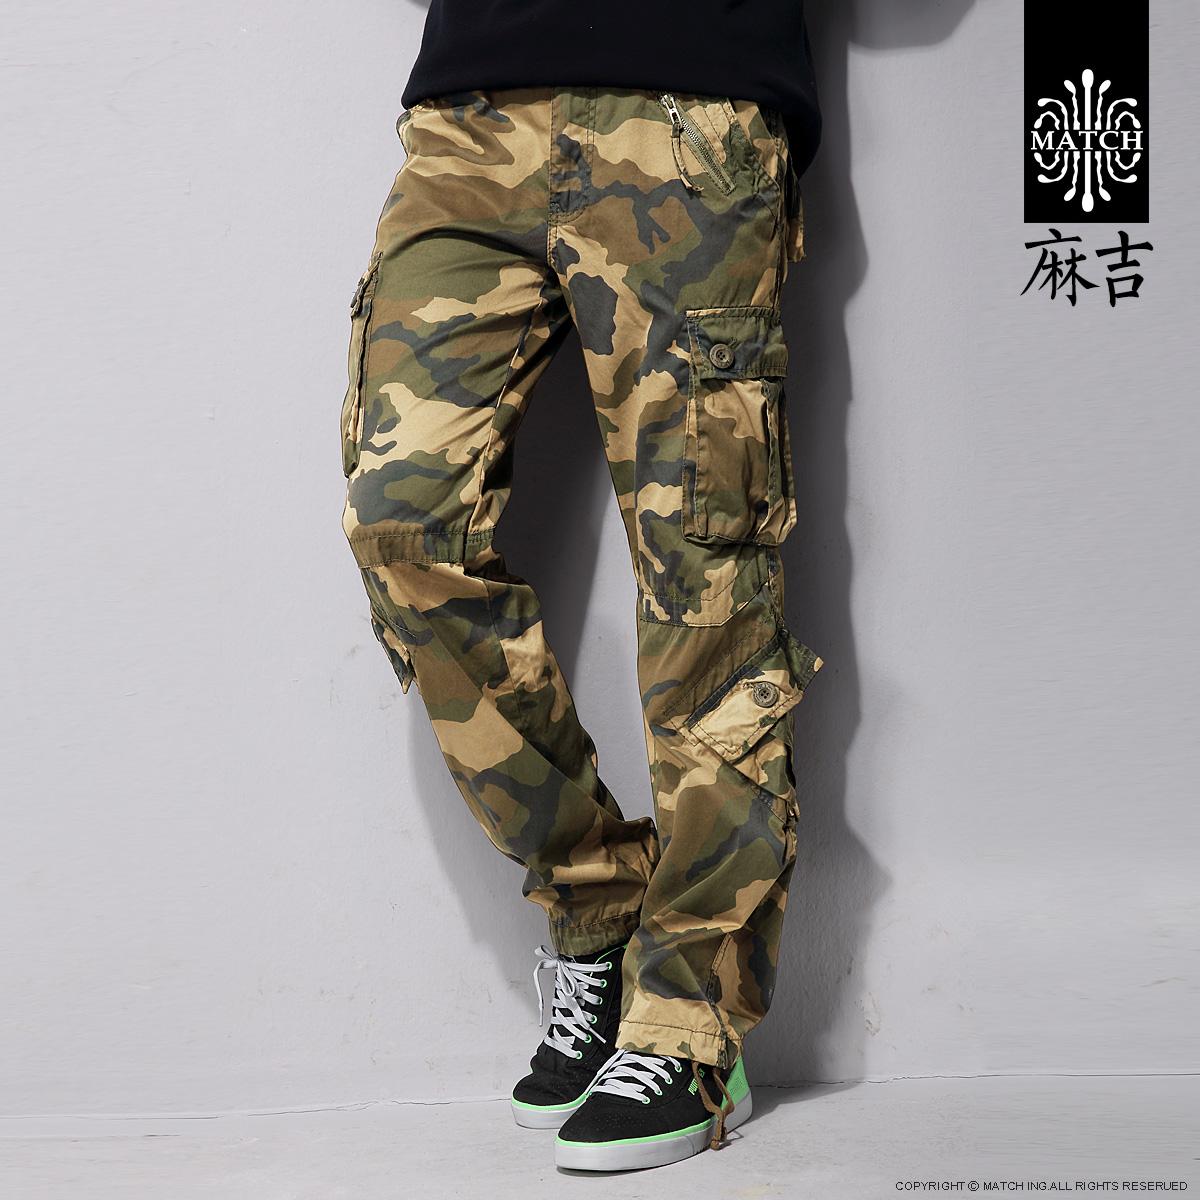 Фото мода камуфляж мужские